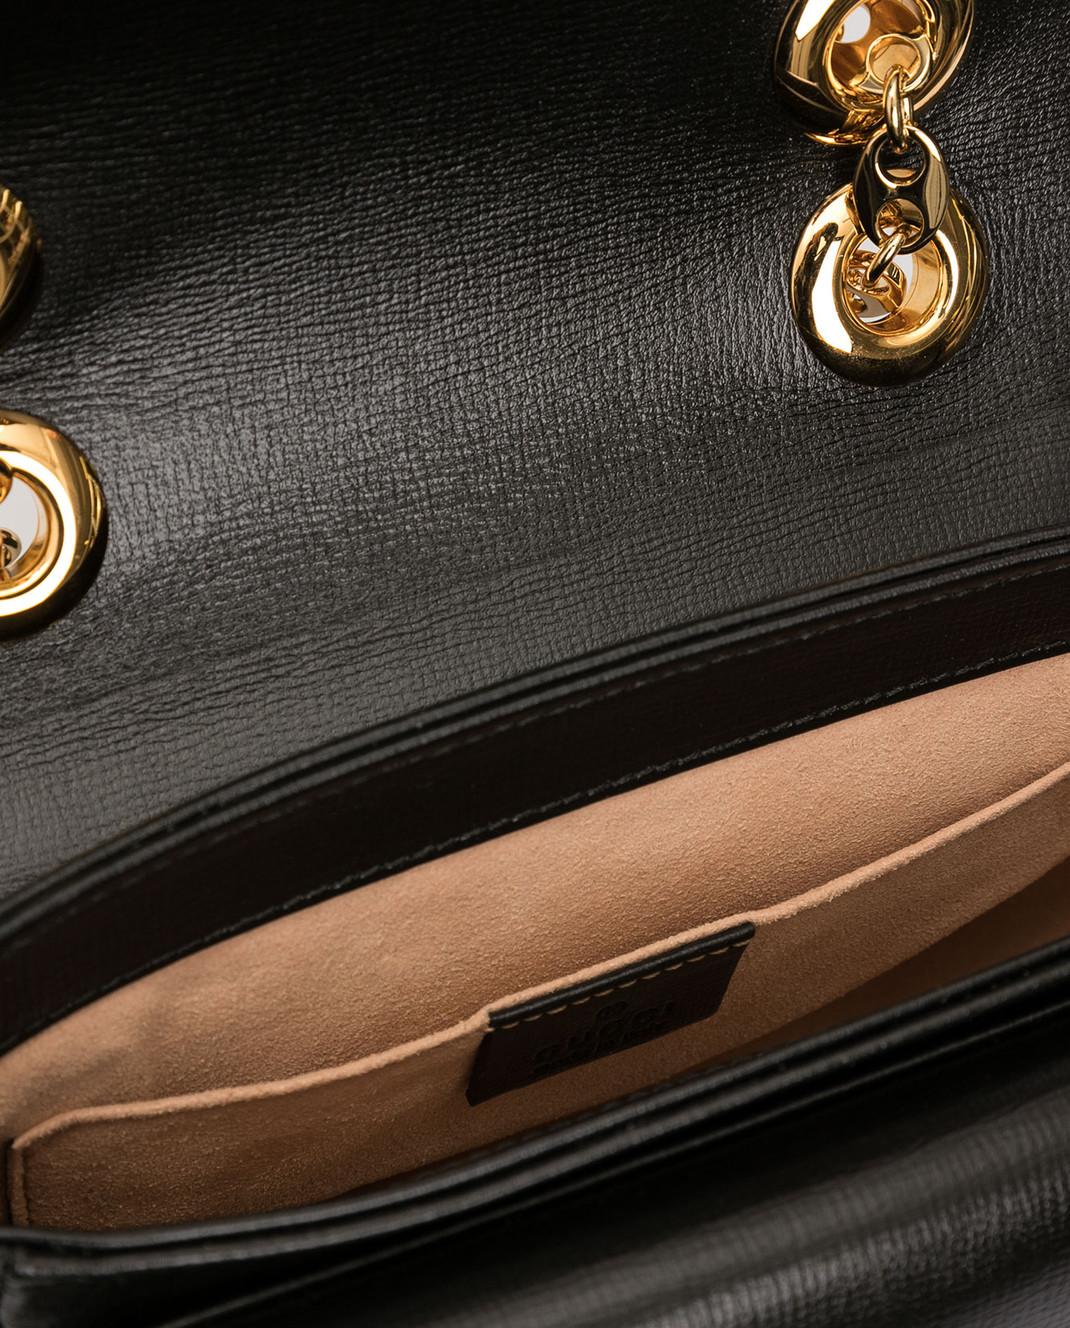 Gucci Черная кожаная сумка изображение 4